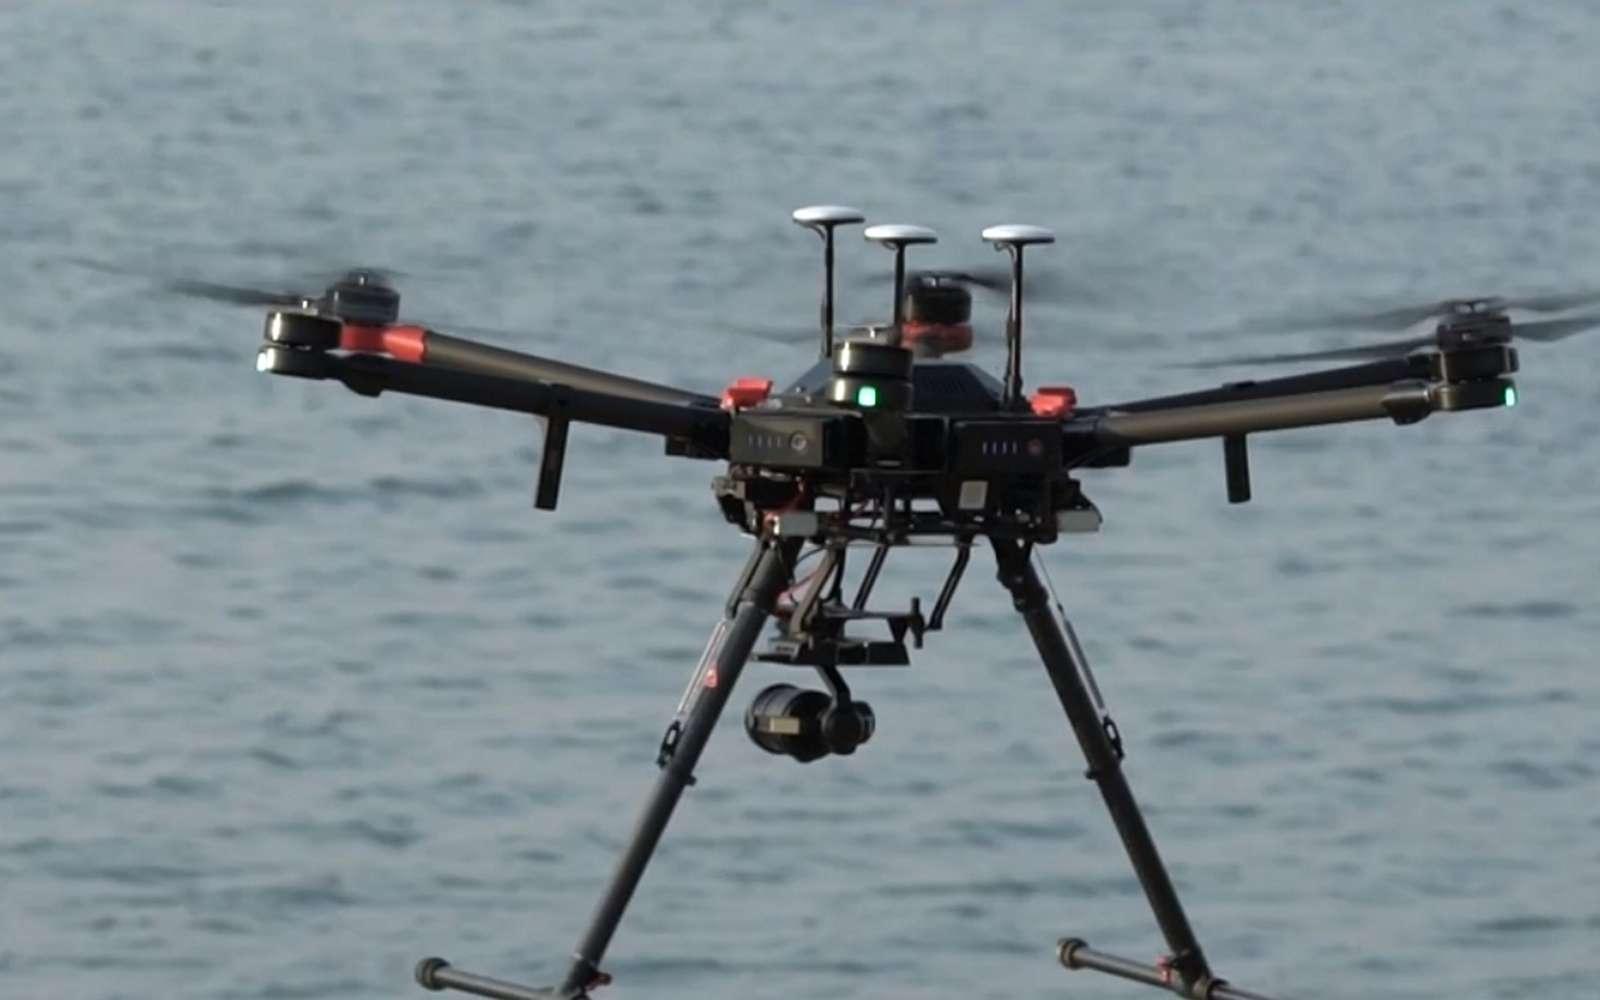 Pesant 10 kg, le drone Matrice 600 de DJI se destine aux professionnels. Il coûte près de 5.700 euros et est capable de transporter au maximum 6 kg de charge. Son autonomie est alors réduite à 16 minutes. © DJI